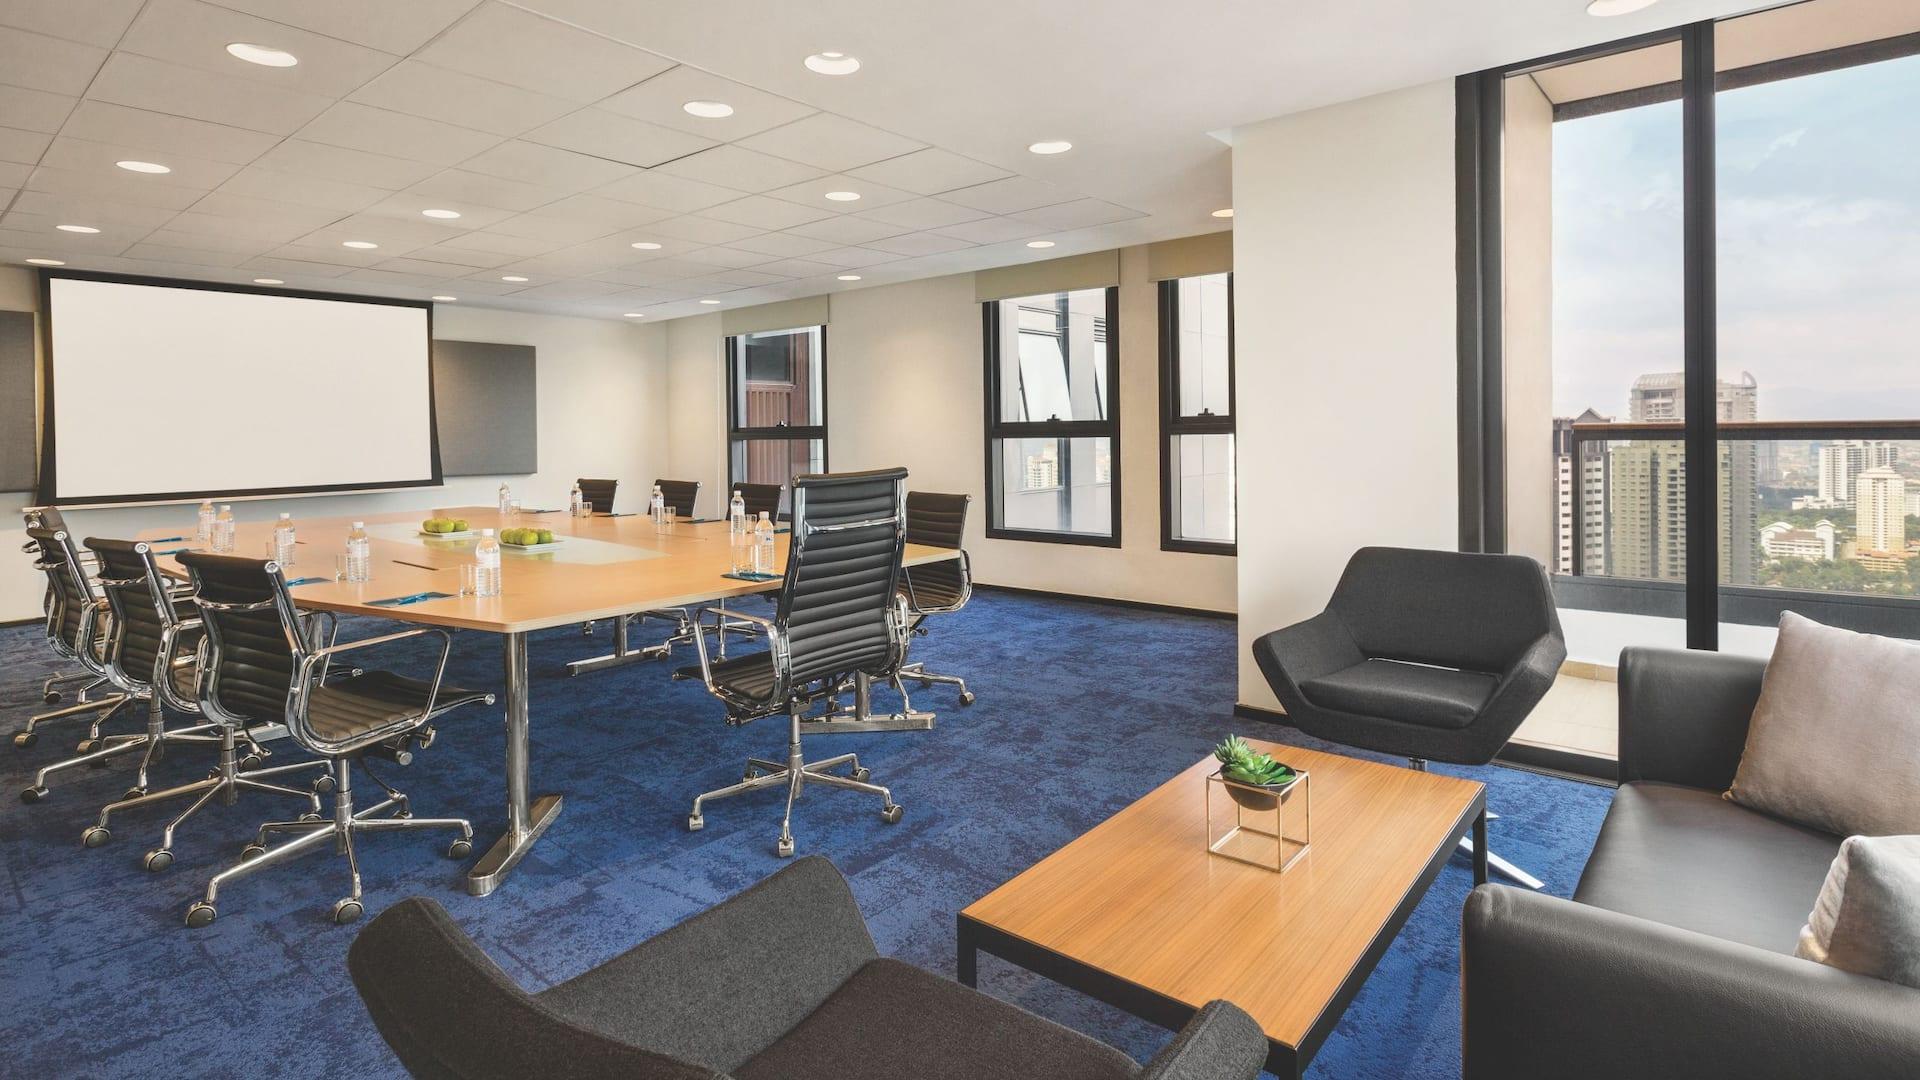 Hyatt House Meetings